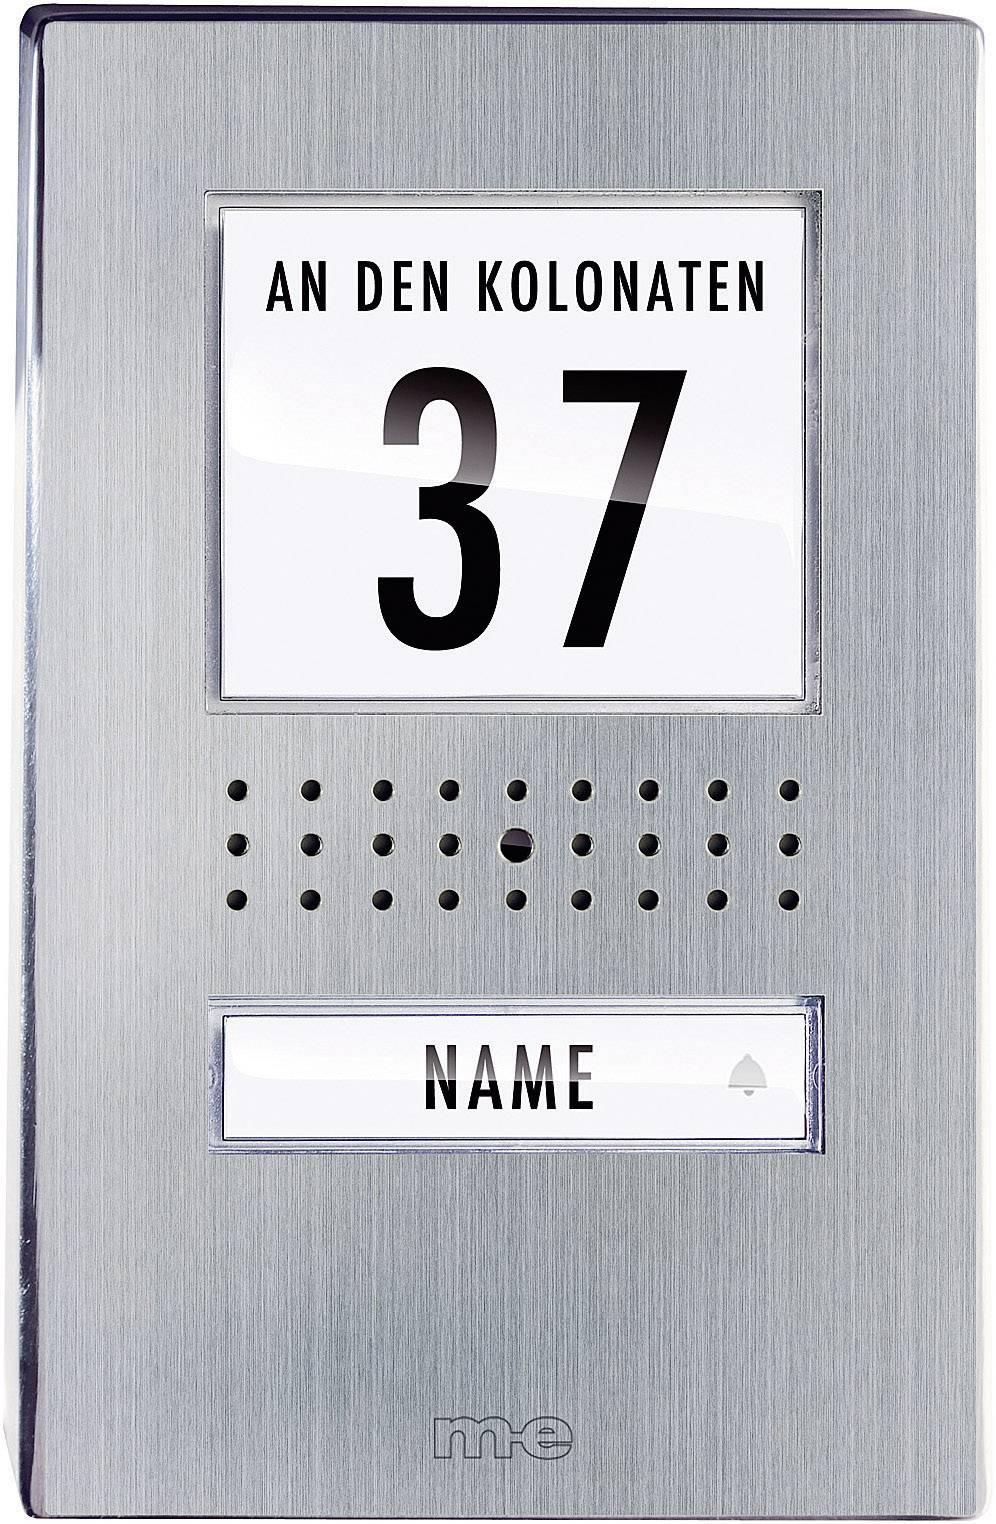 Káblový video dverový telefón m-e modern-electronics VDV 510.1 EG VDV 510.1 EG, nerezová oceľ